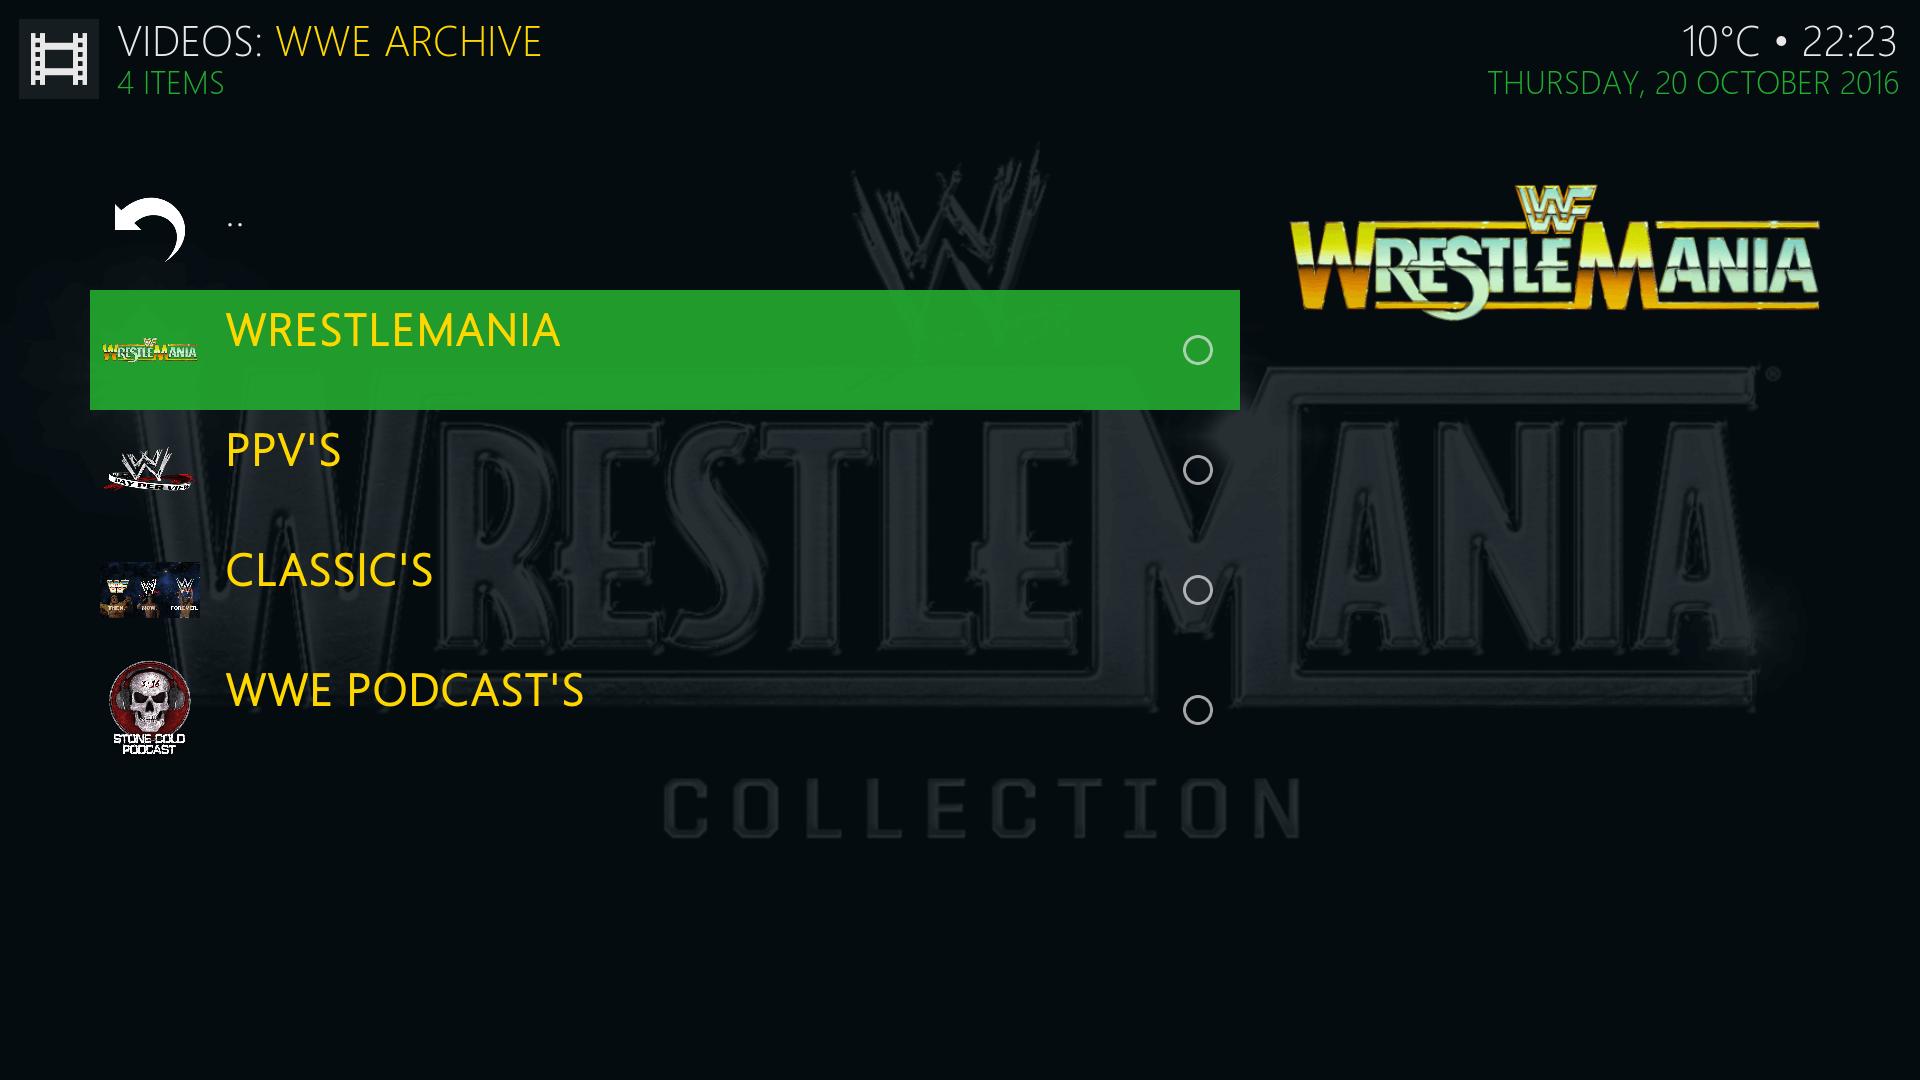 Guide Install WWE Archive Kodi Addon Repo